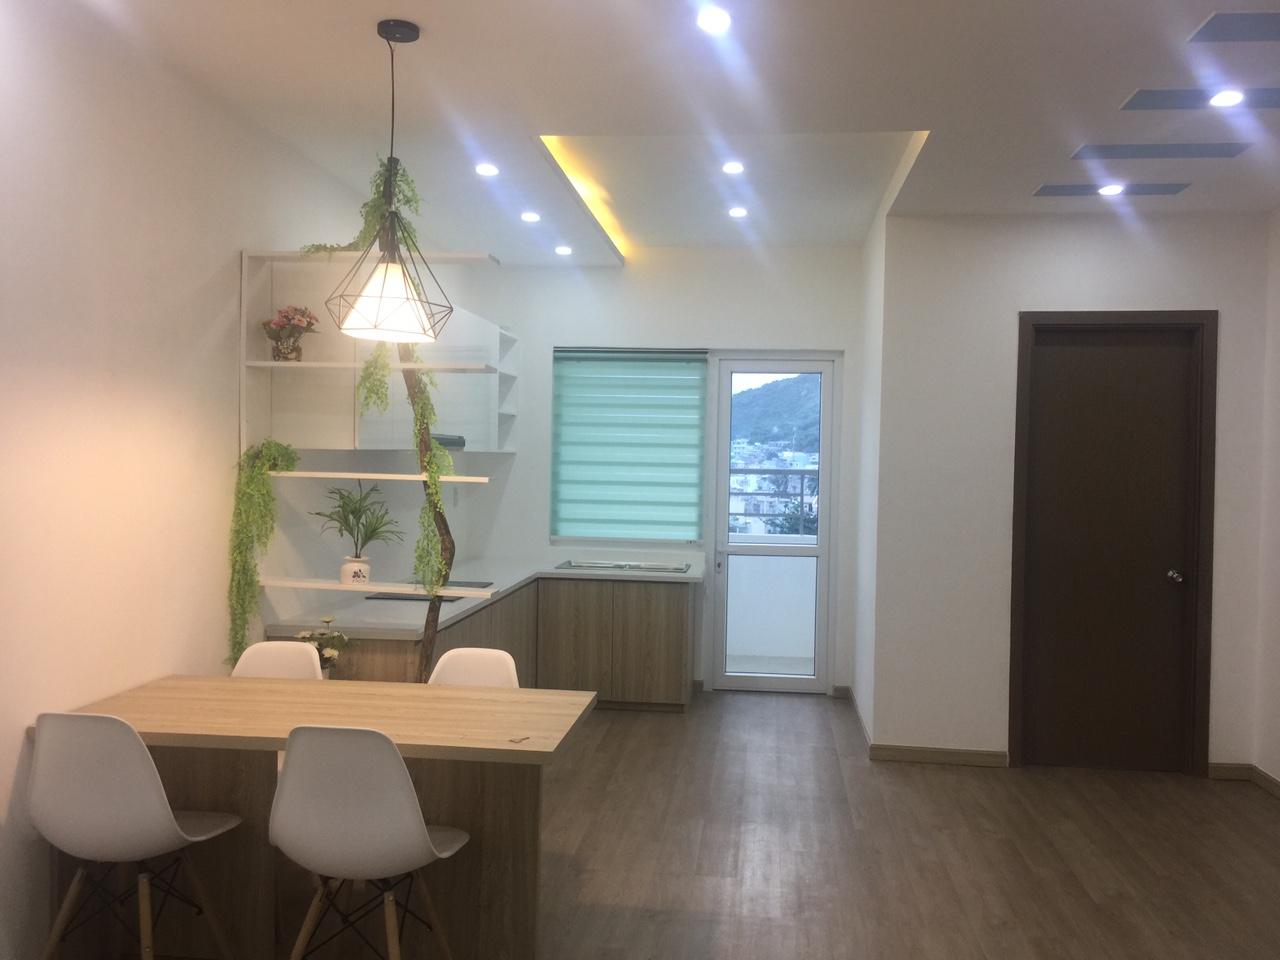 Cho thuê căn hộ Mường Thanh Viễn Triều